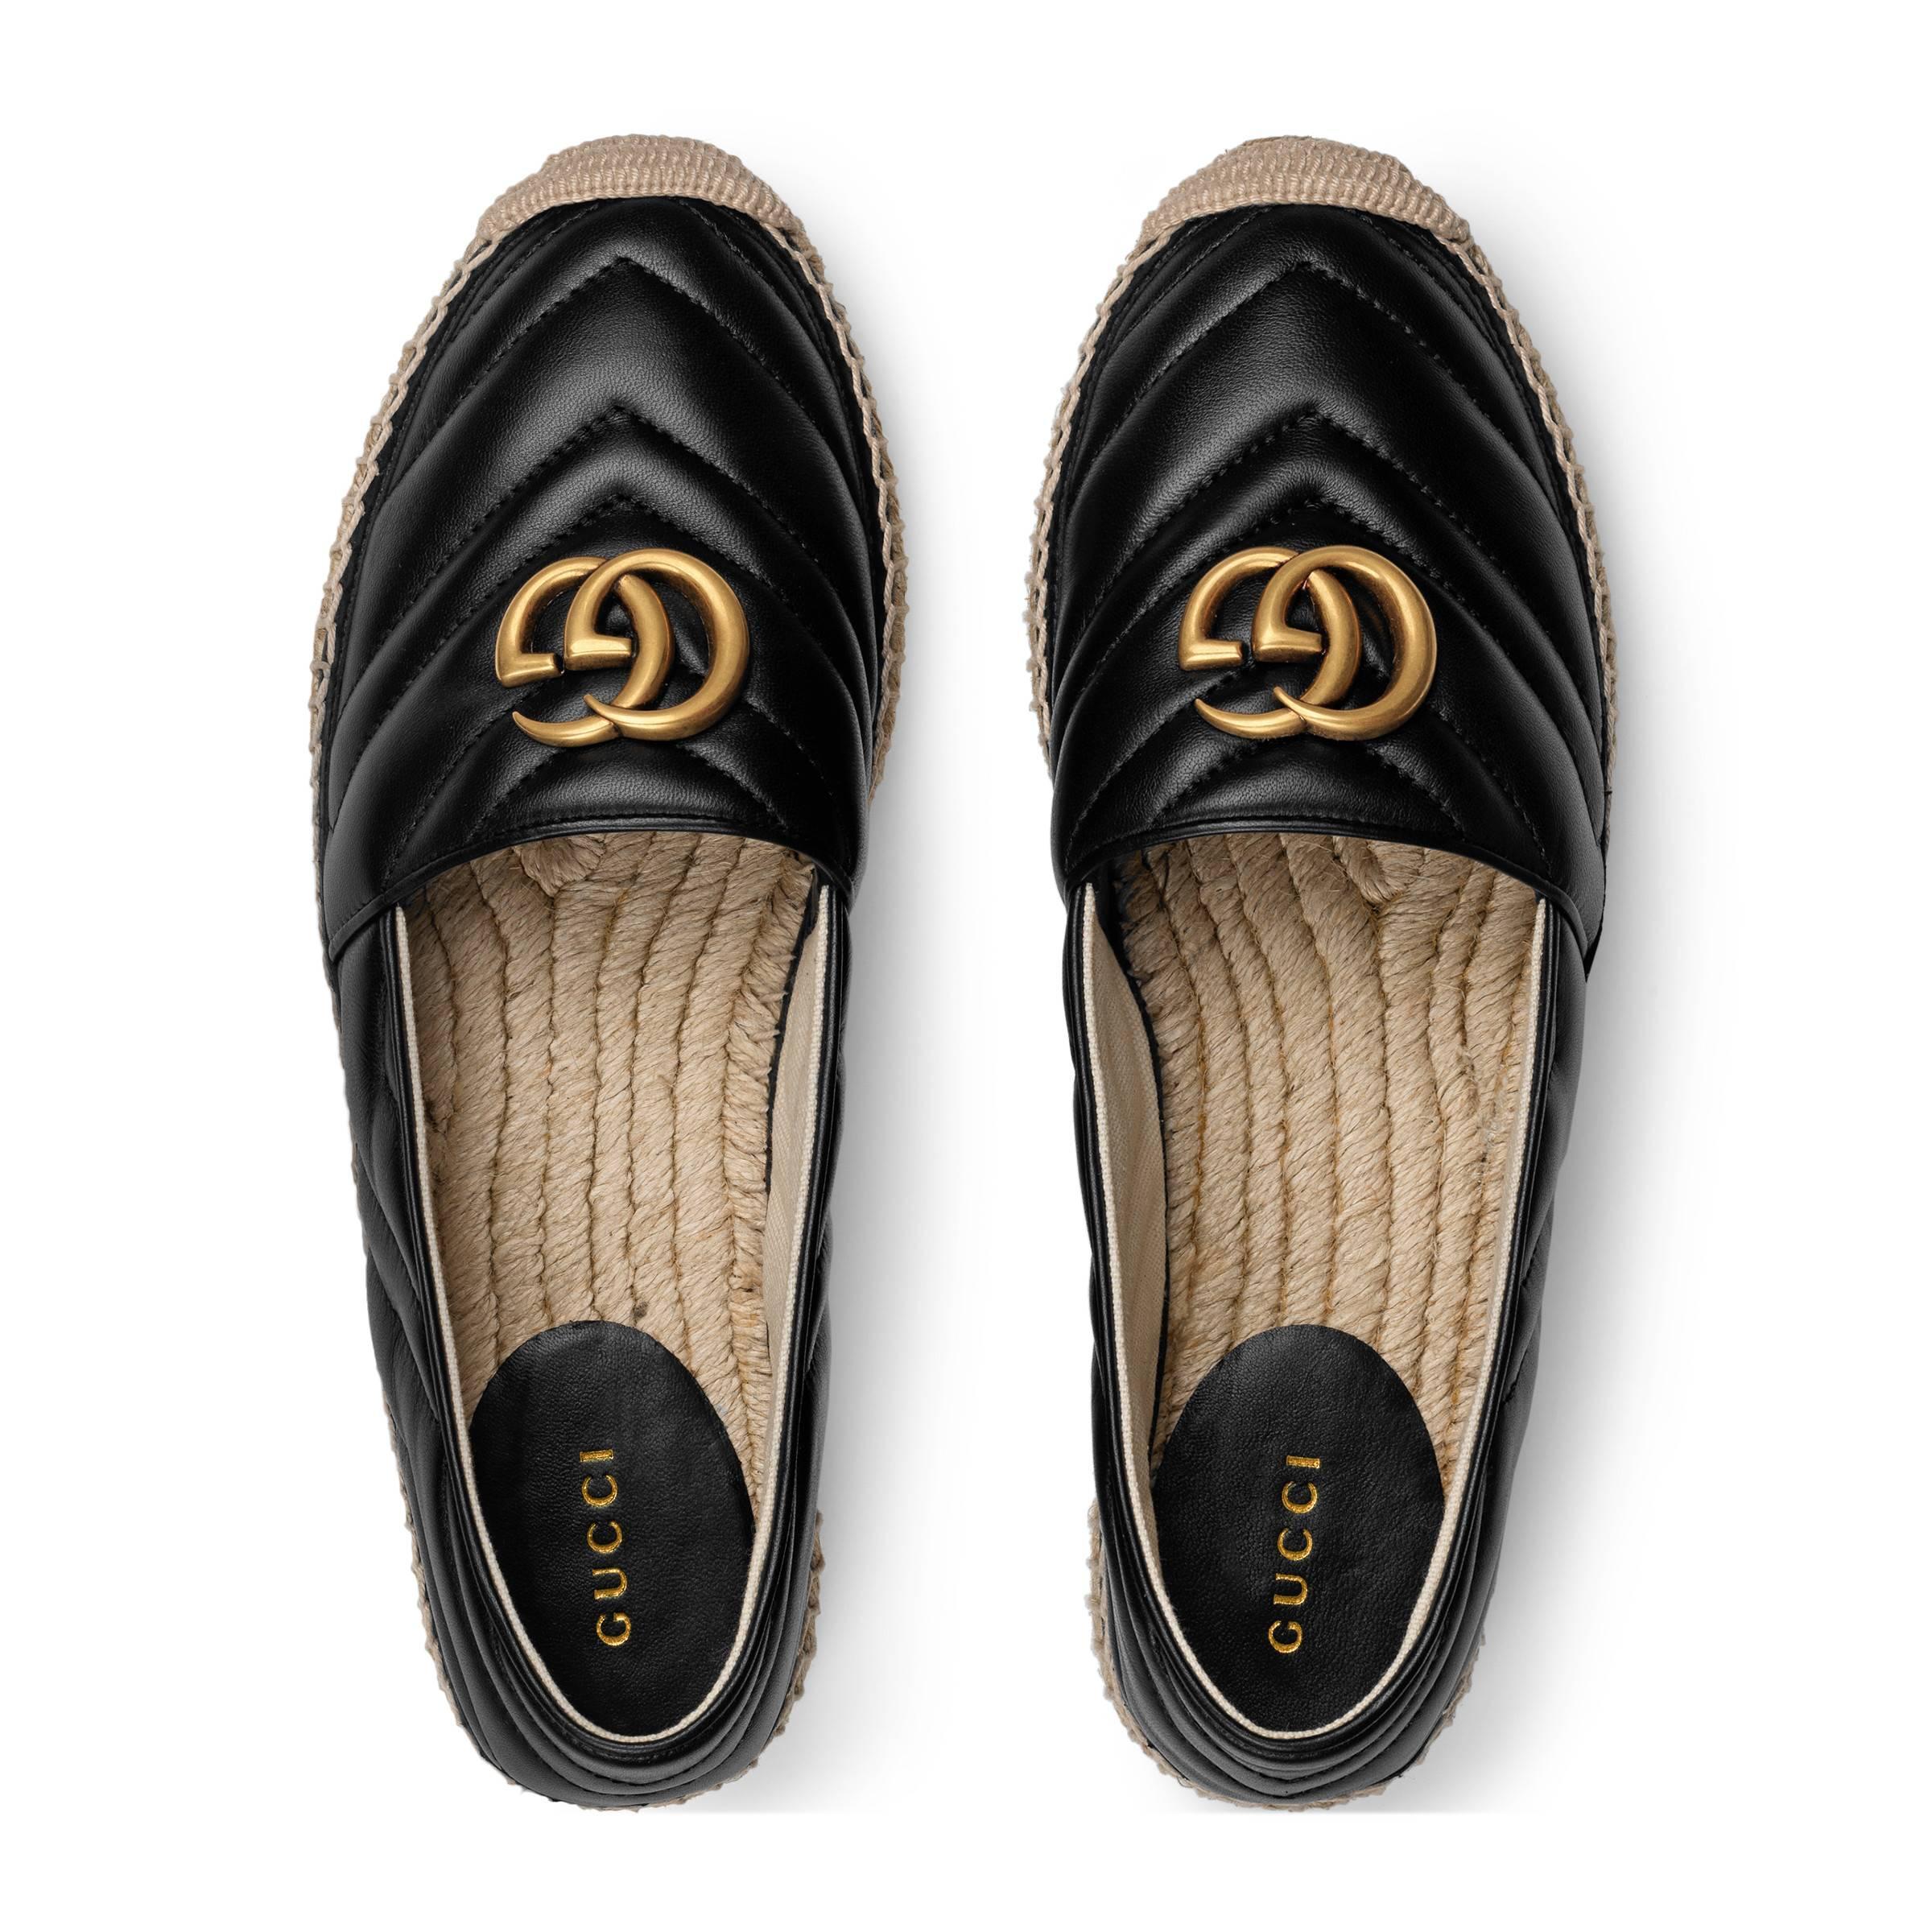 Gucci - Black Alpargata de Piel con Doble G - Lyst. Ver en pantalla completa fb90b32d001